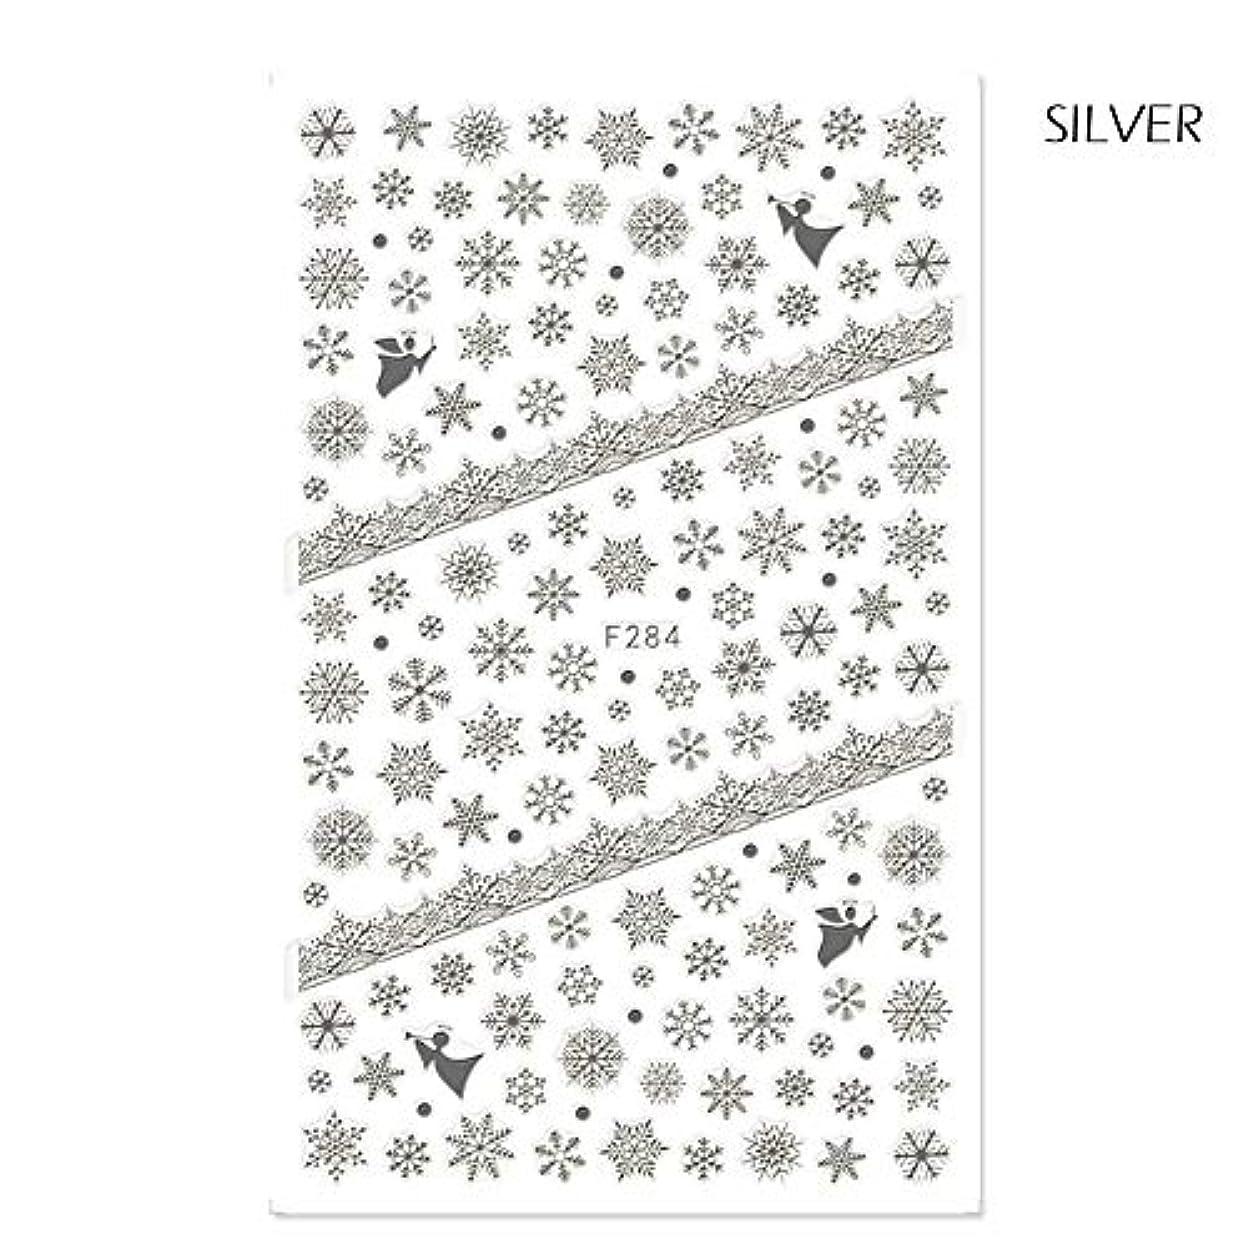 カウントアップ忠実に遠い1シート3dクリスマスデザイン粘着ステッカー用ネイルゴールドブルーネイルアート転写デカール雪の花の装飾かわいいヒントSAF284シルバー